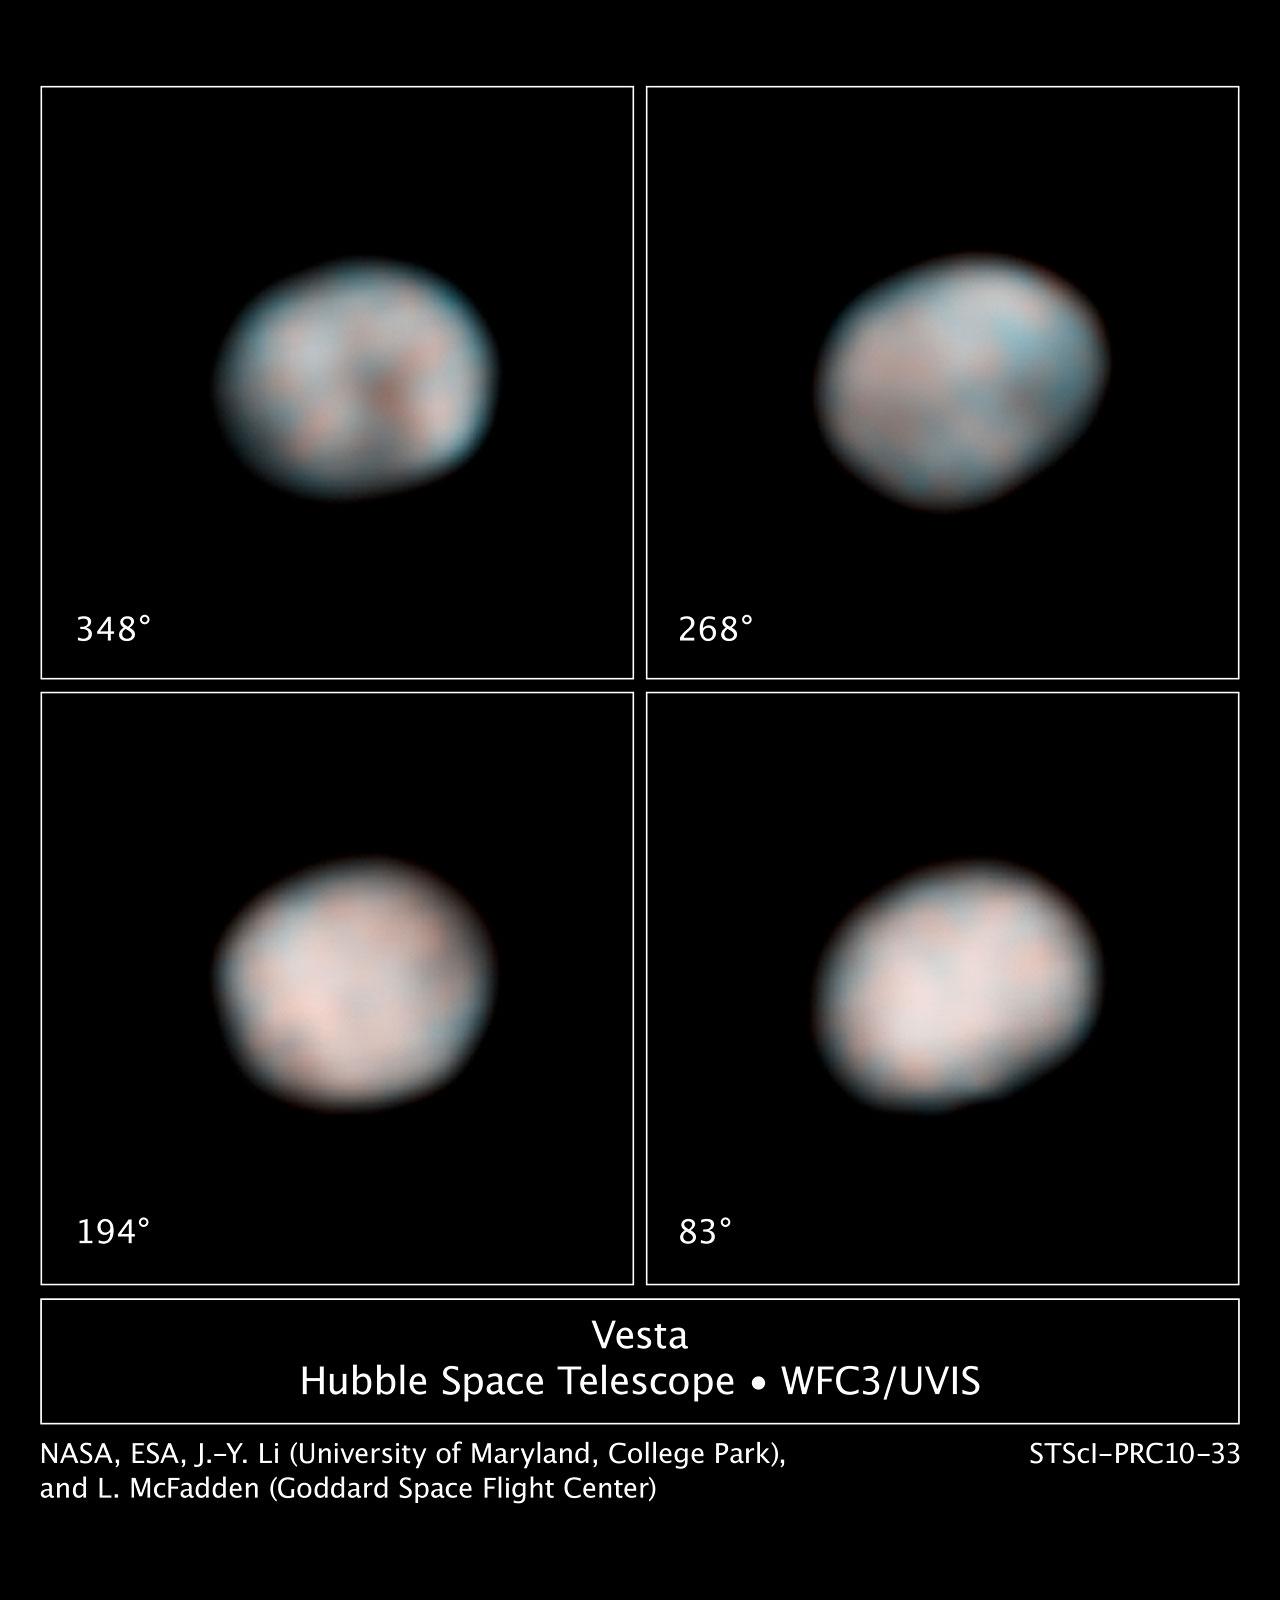 The faces of Vesta